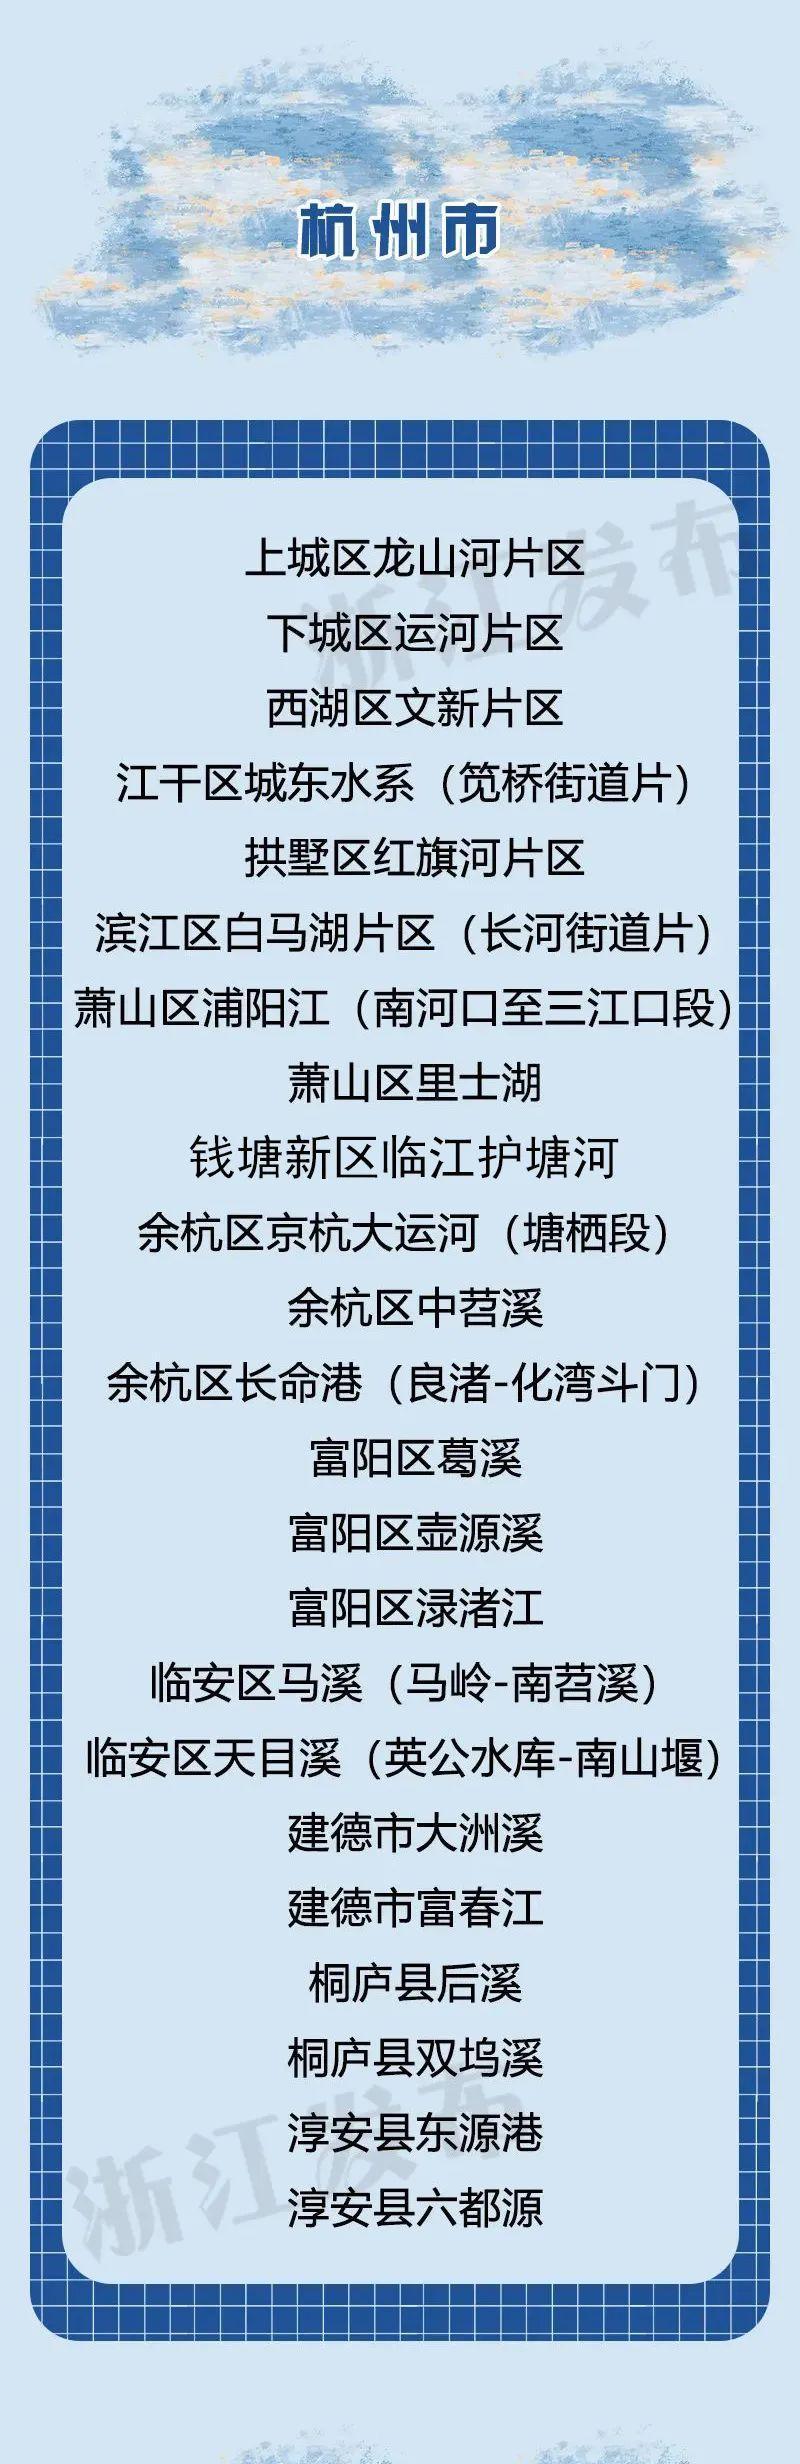 """惊艳!杭州23处上榜全省""""最美河湖"""",就在你家门口!"""